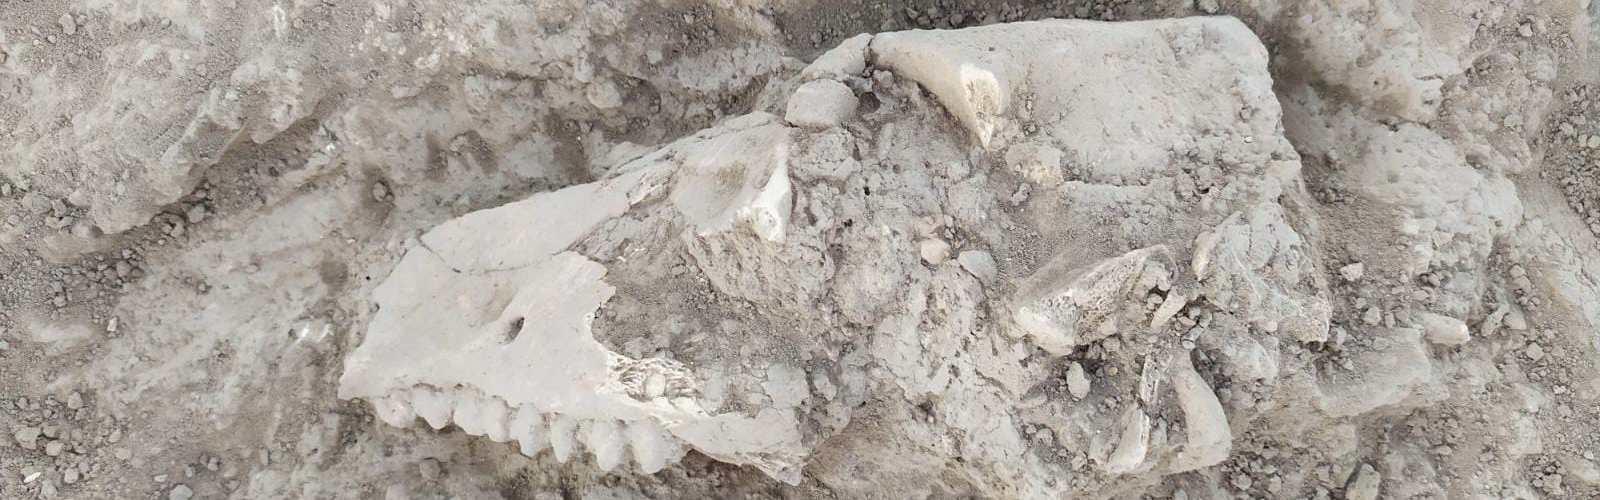 Arqueología y Geología: ¿historia de un match?